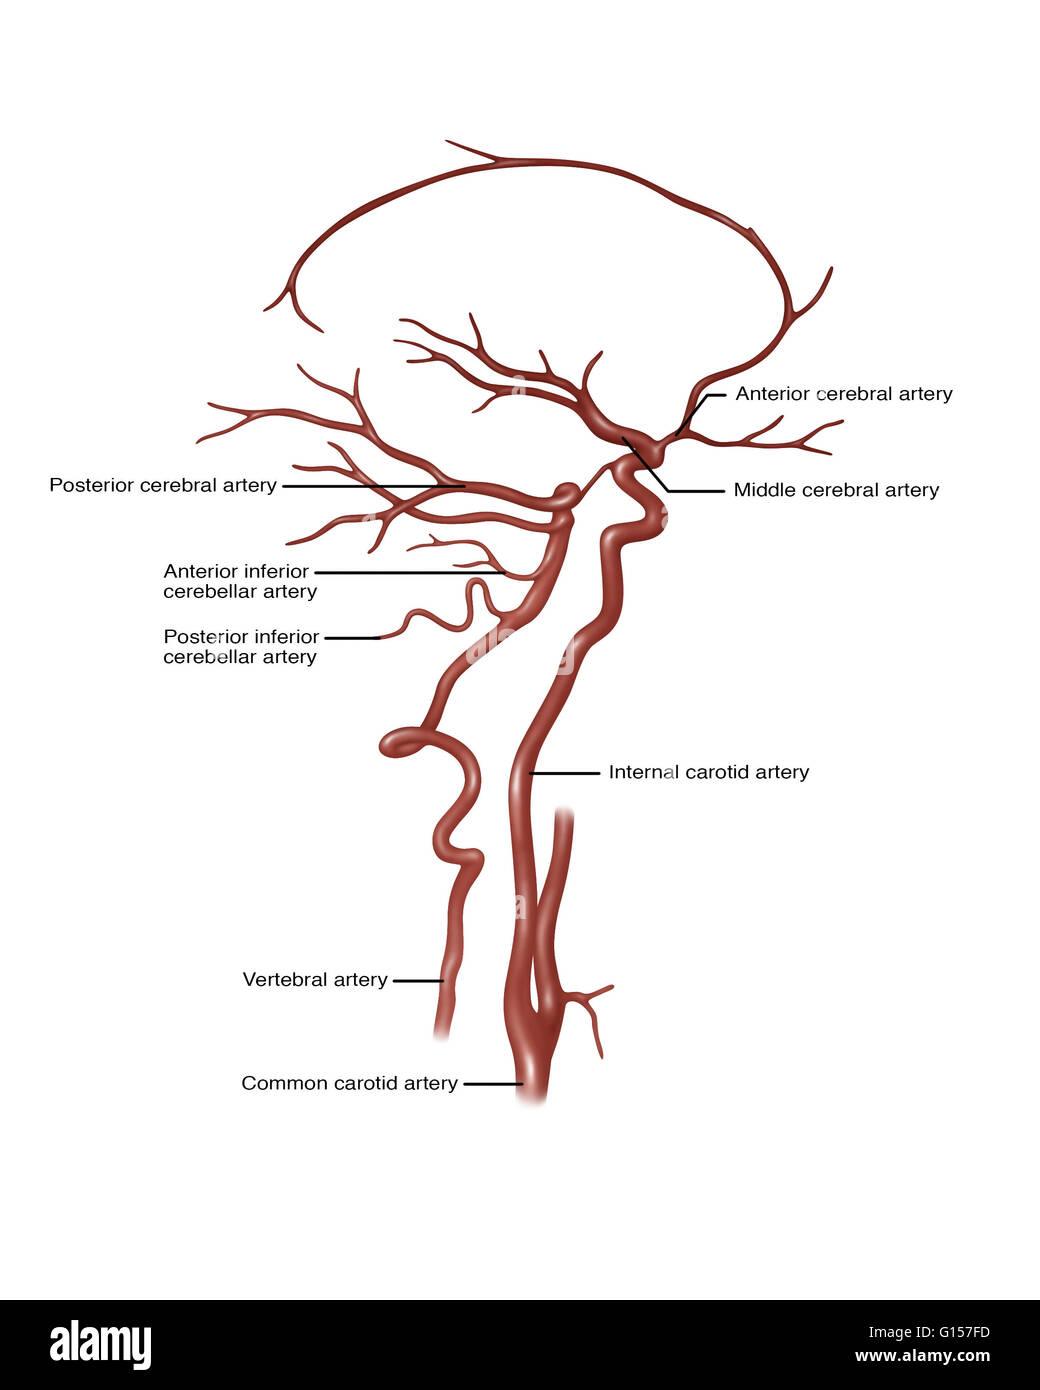 Ilustración mostrando las arterias de la cabeza. Señaló a la derecha ...